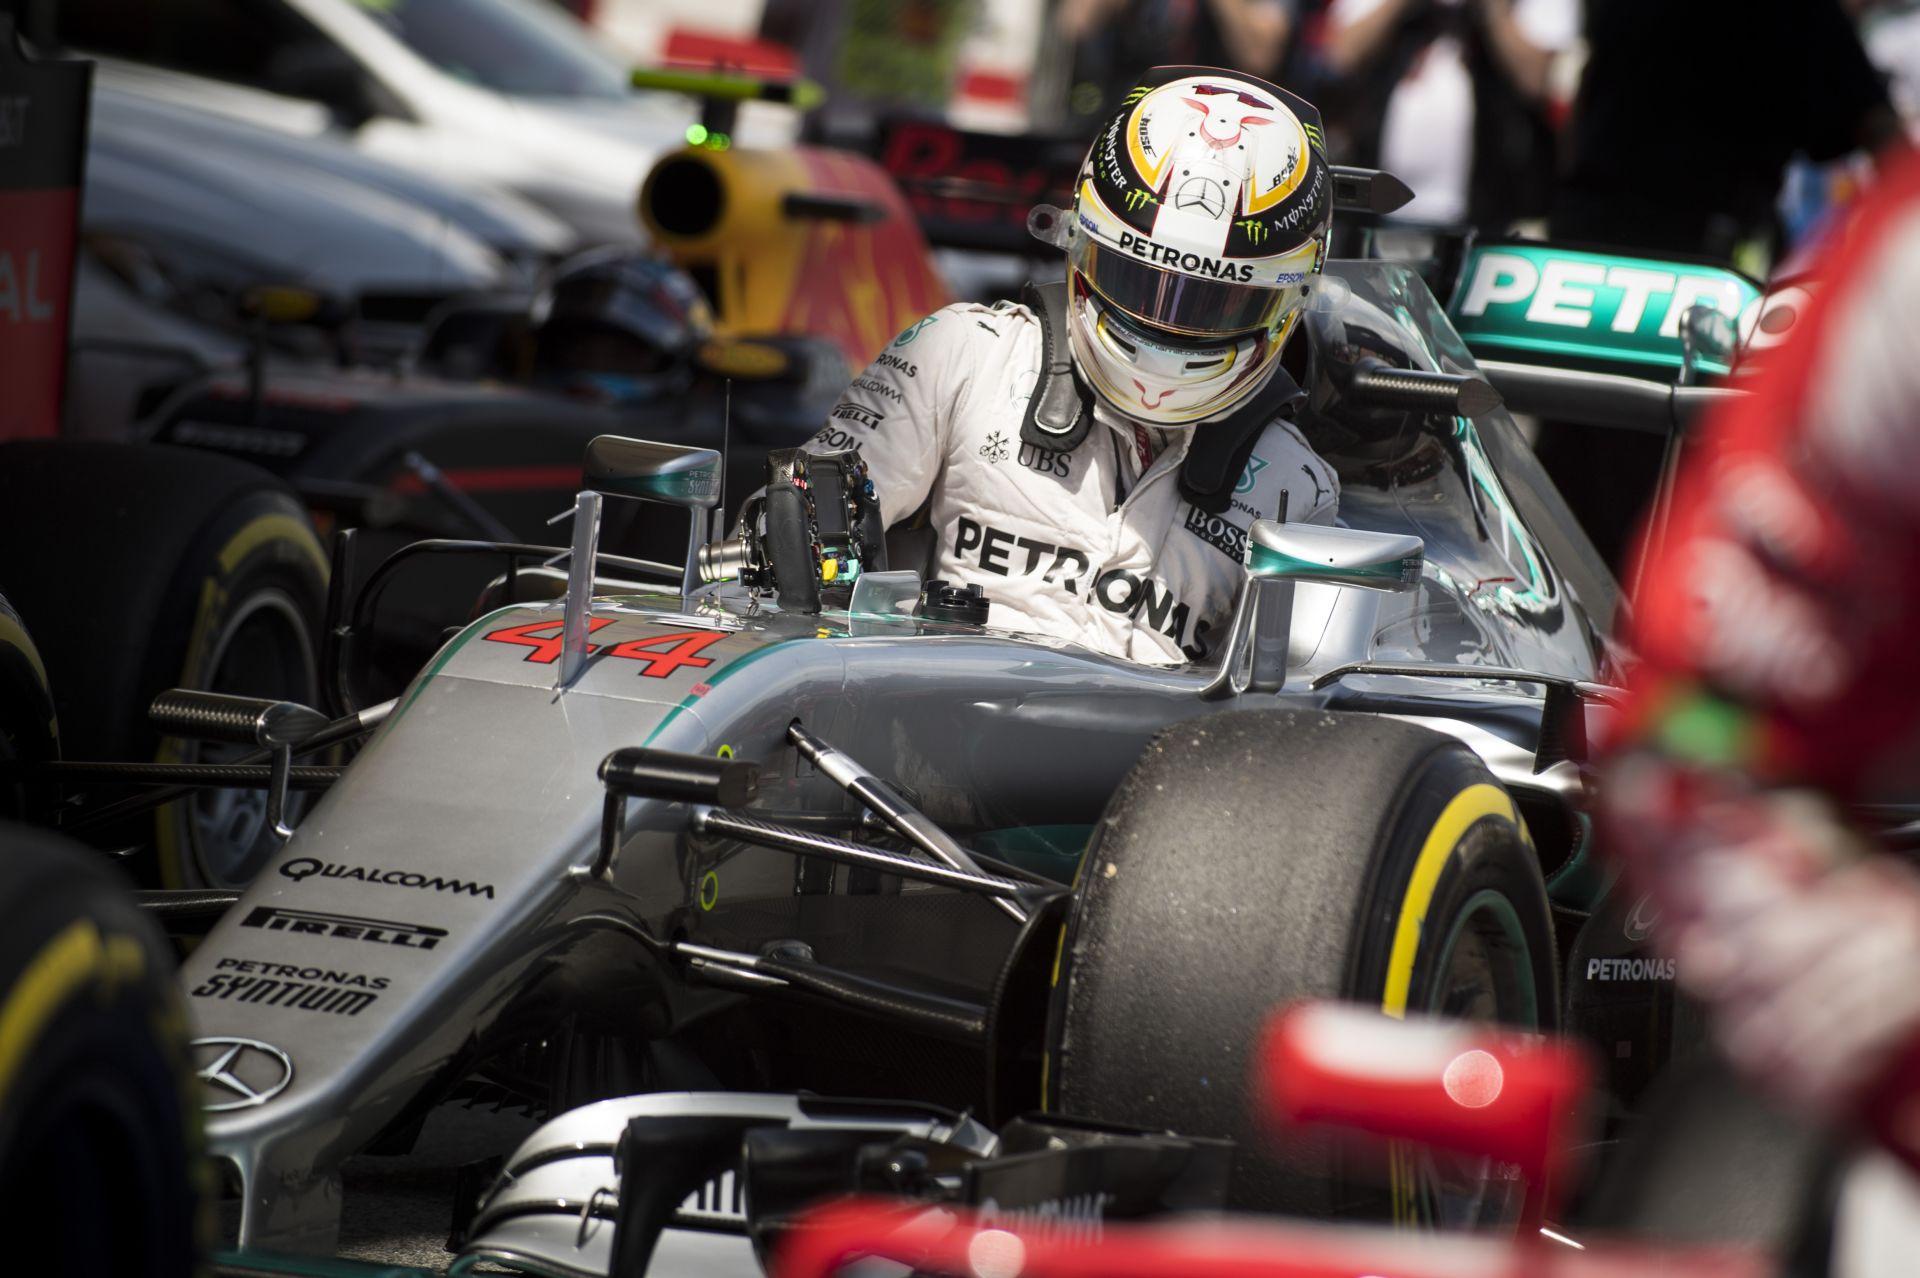 Spanyol Nagydíj 2016: a hivatalos F1-es rajtrács